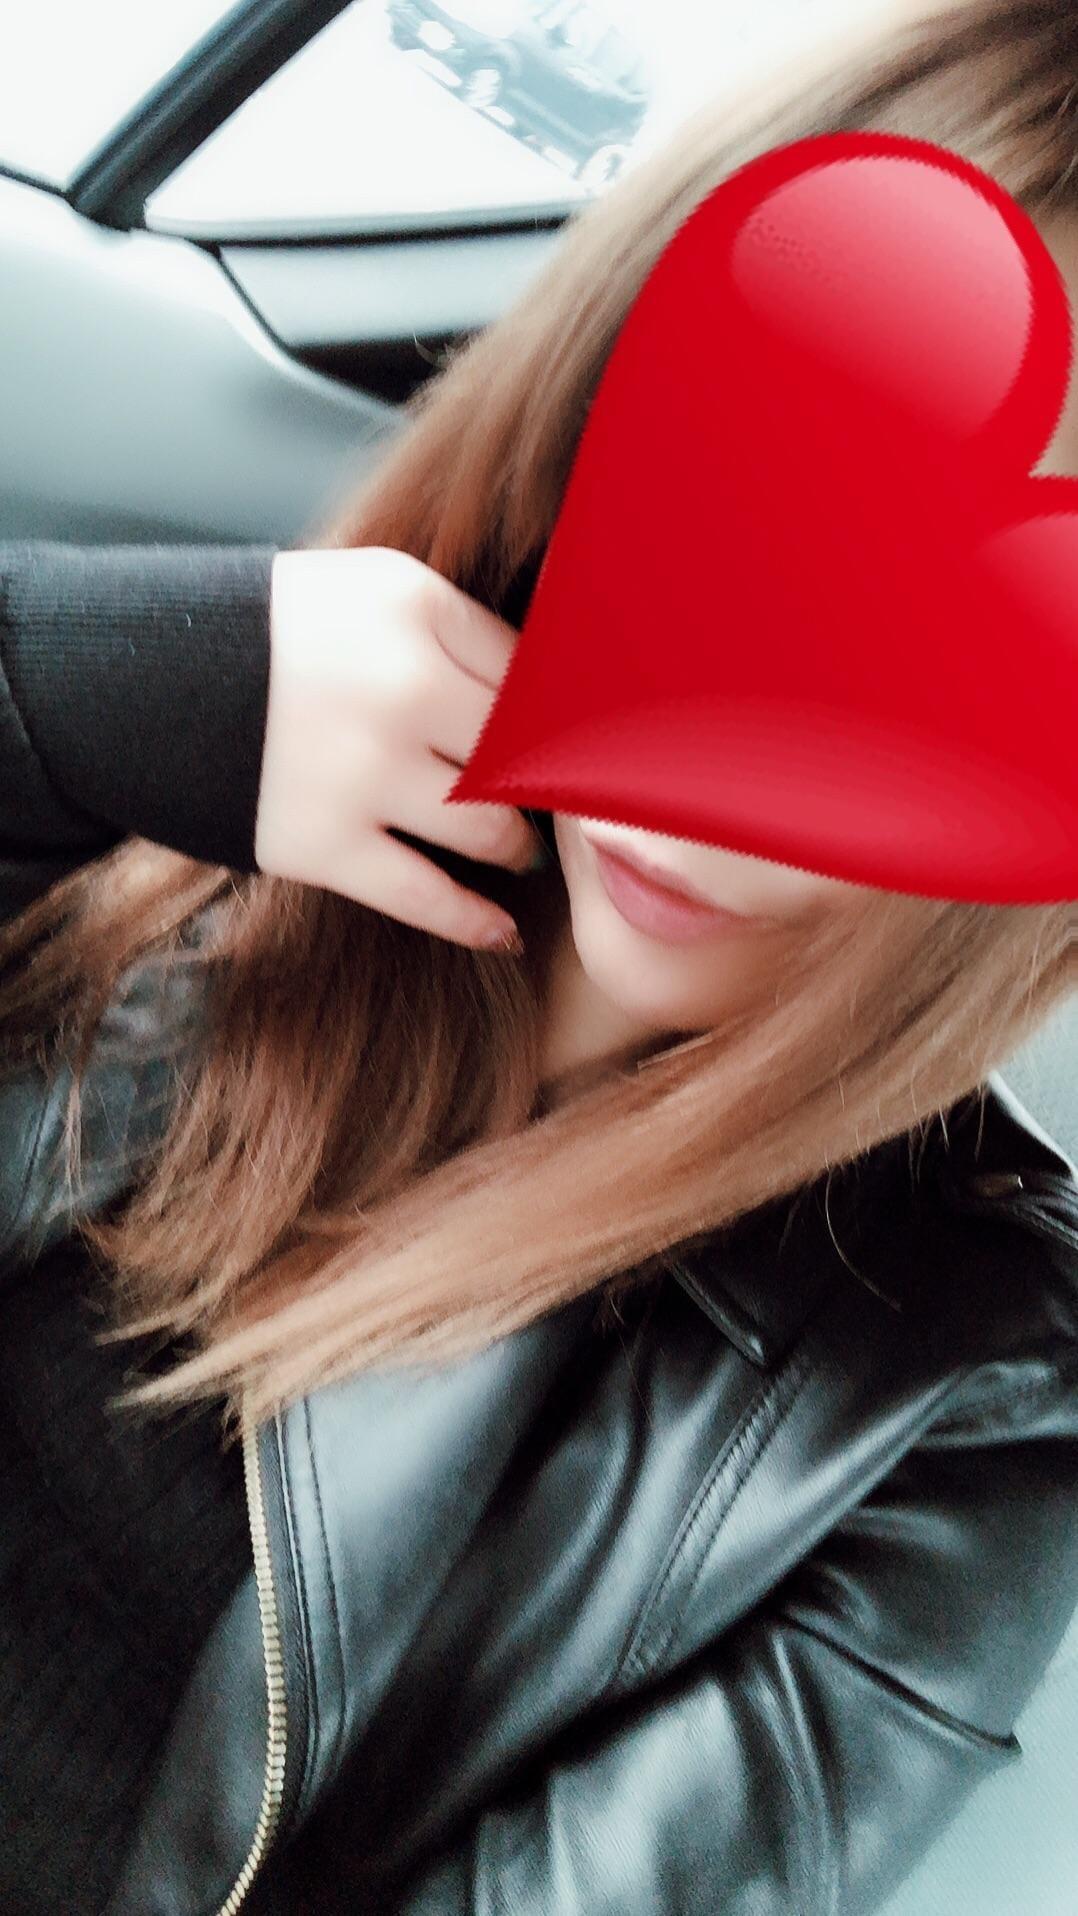 かすみ(殿堂入り痴女)「おれいにっき」10/15(月) 16:39 | かすみ(殿堂入り痴女)の写メ・風俗動画